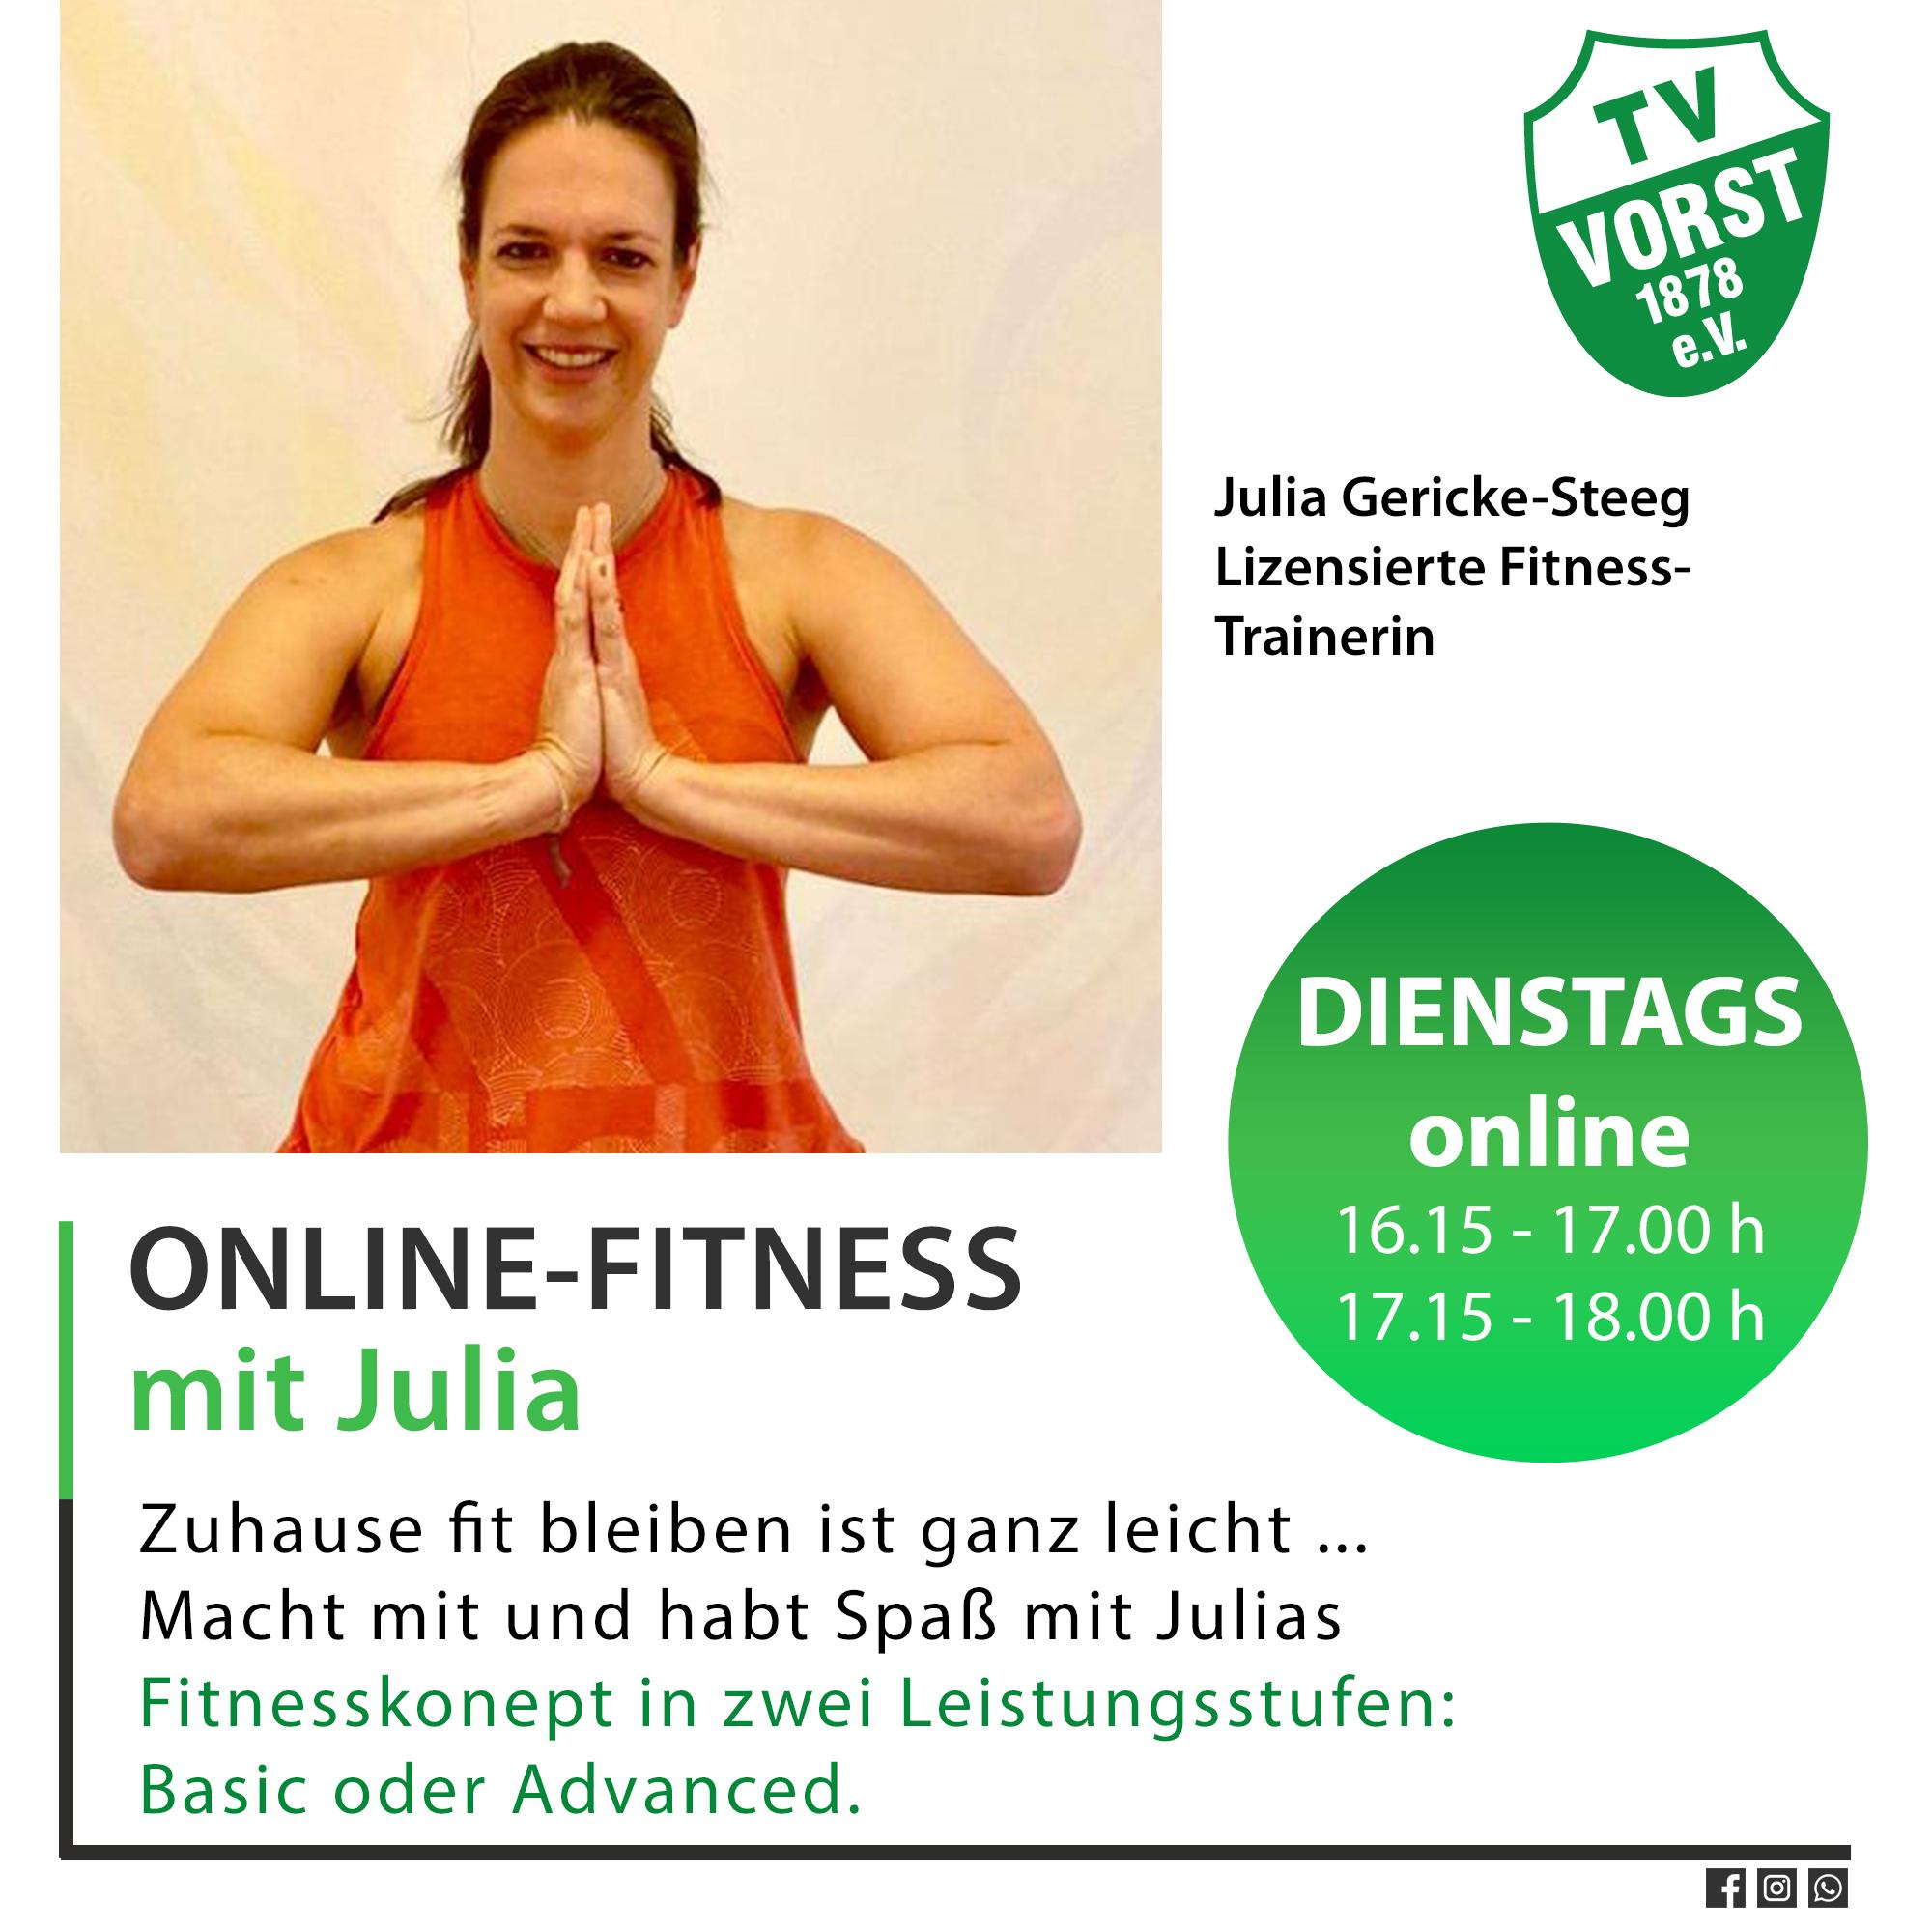 TV Vorst Online-Fitness mit Julia Gericke-Steeg